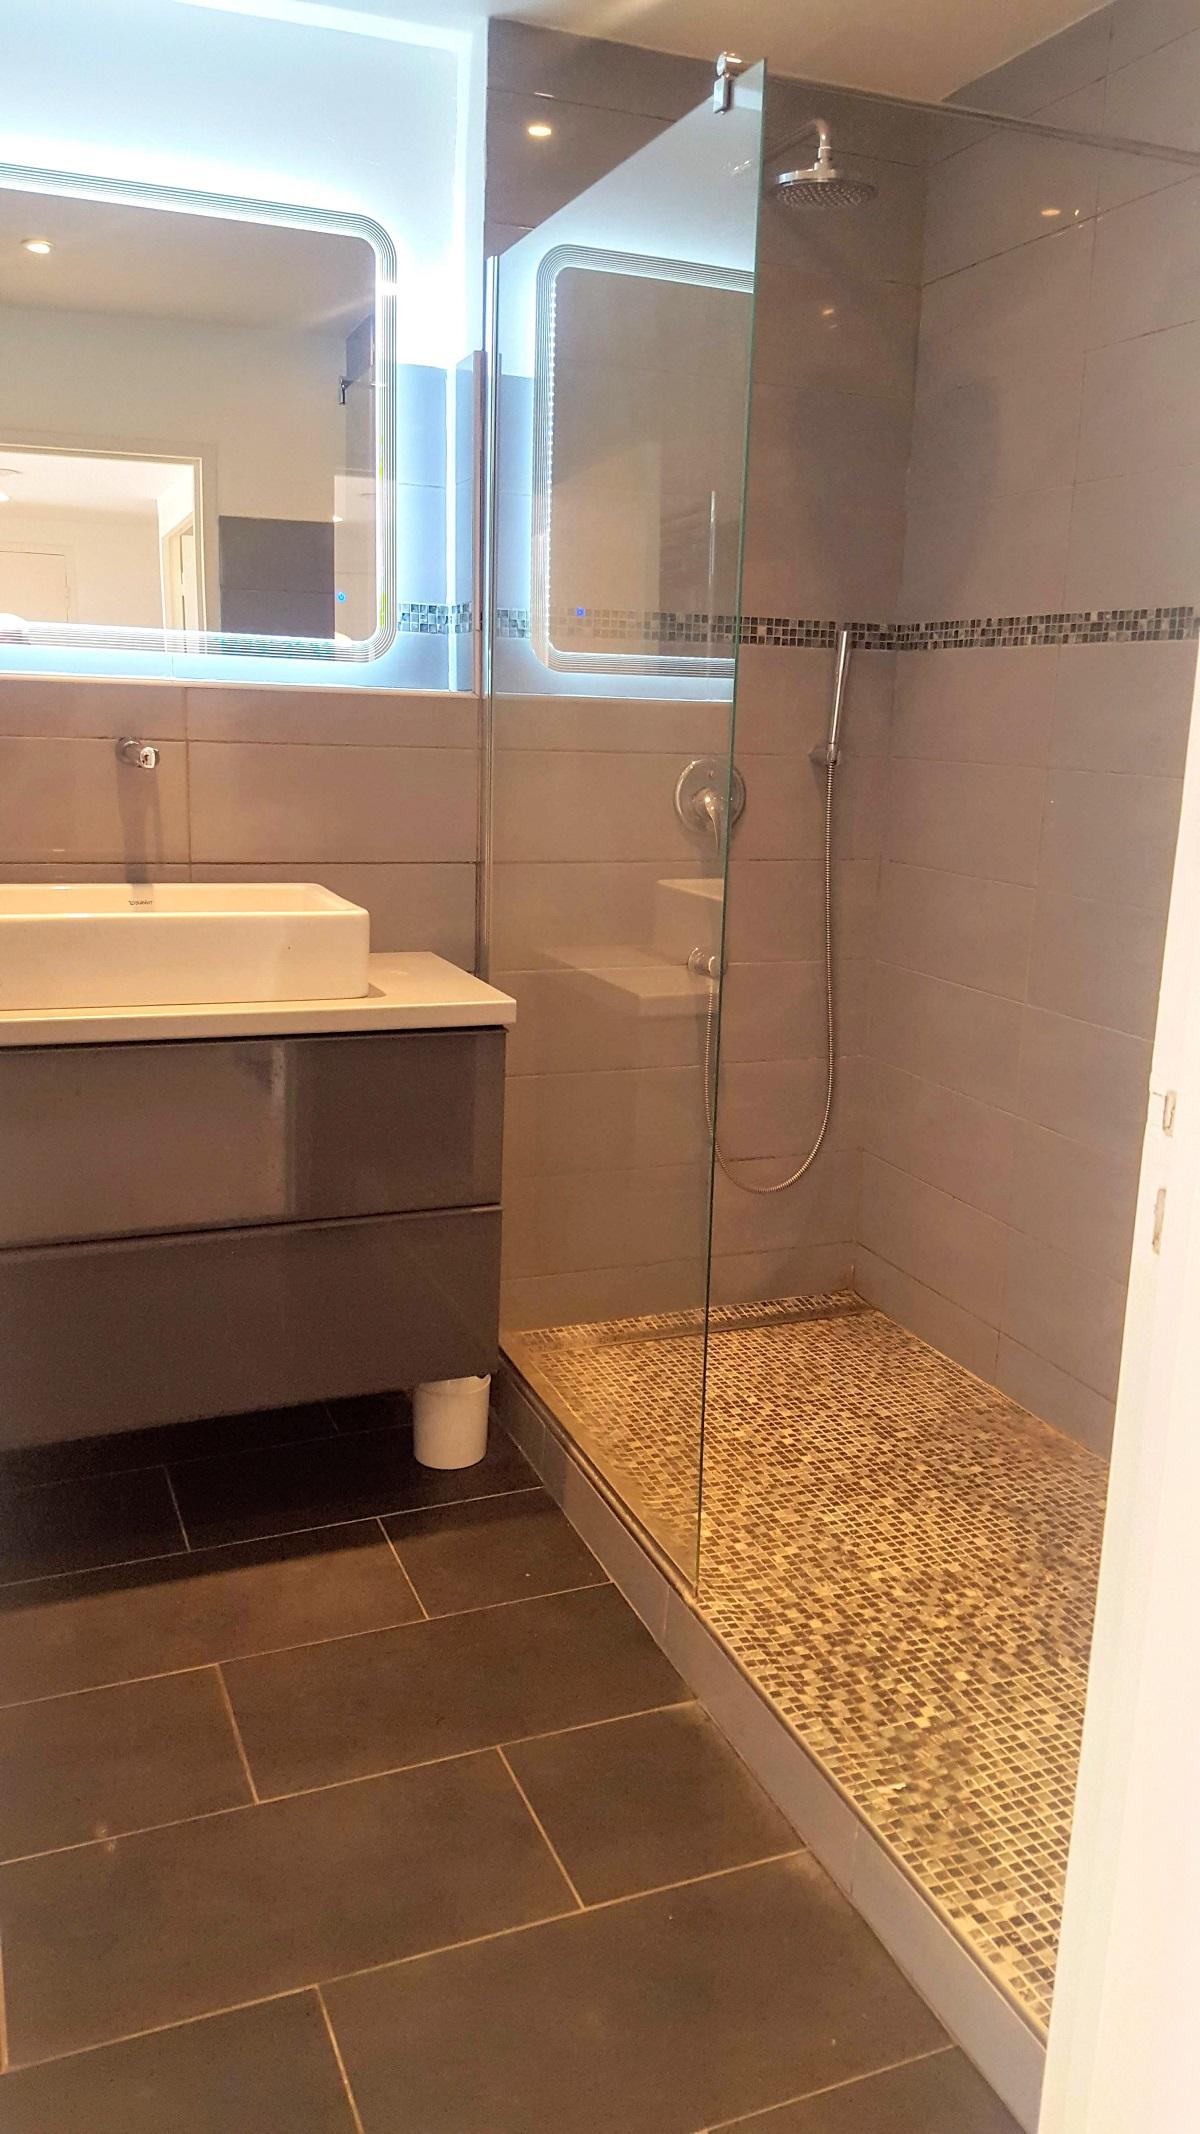 salle de bain - wc séparé